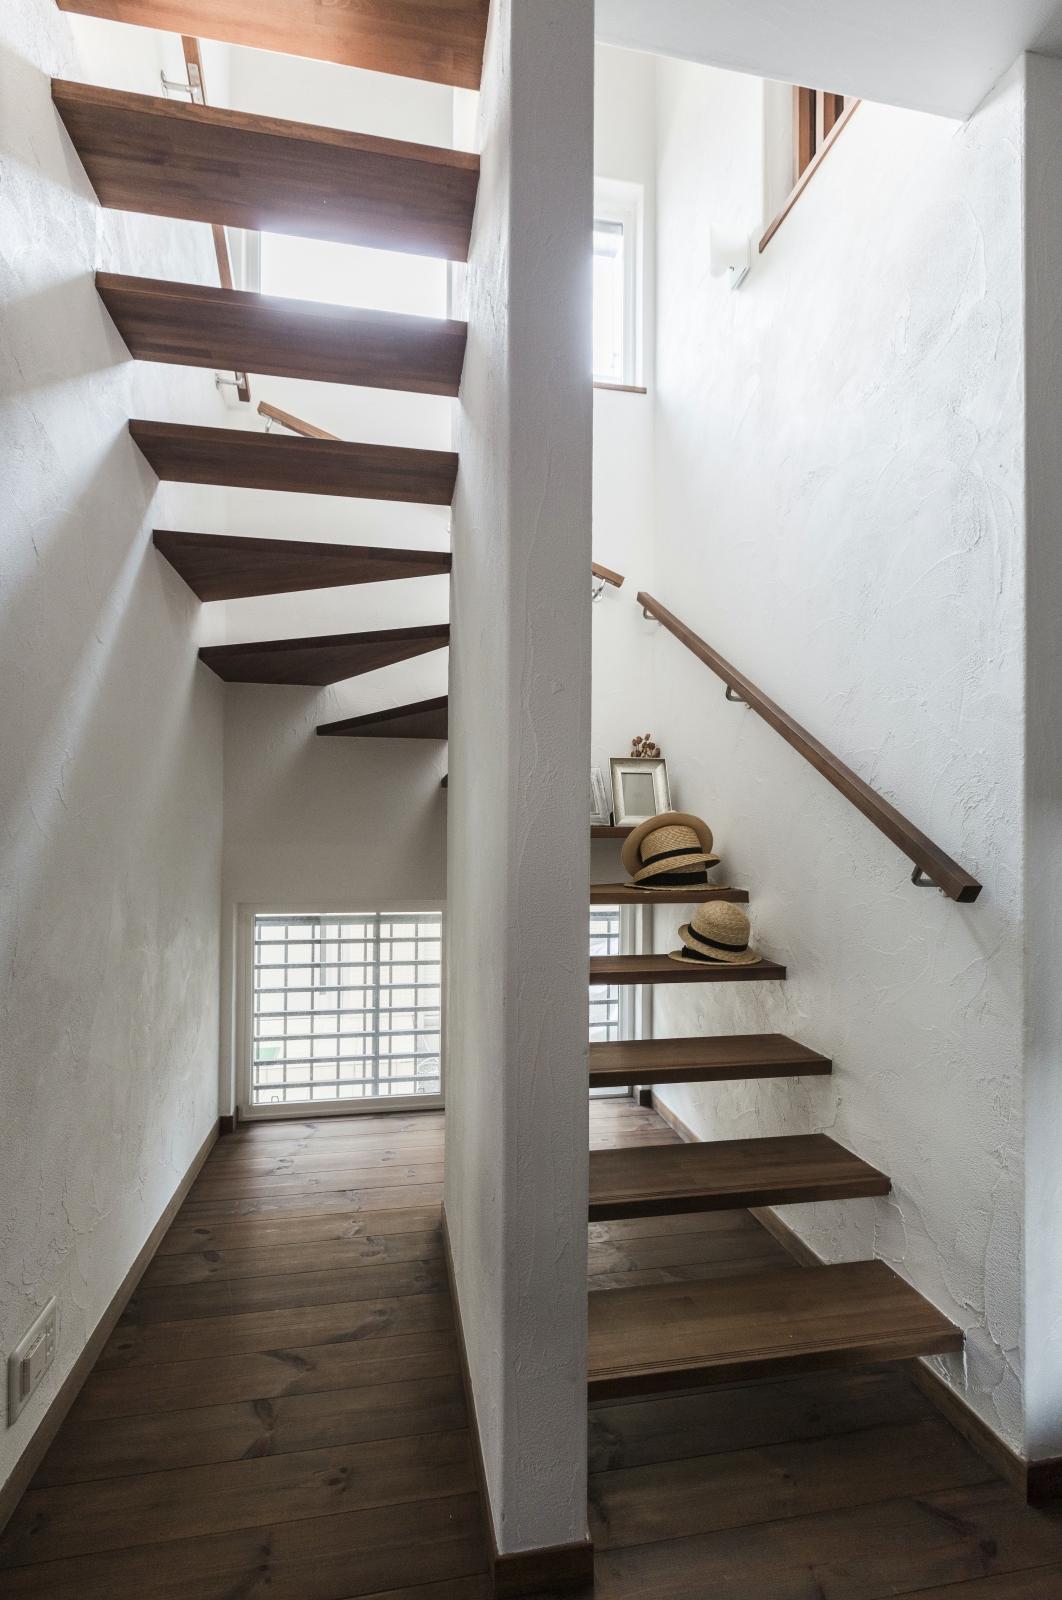 空間を広々感じられる 明るいストリップ階段